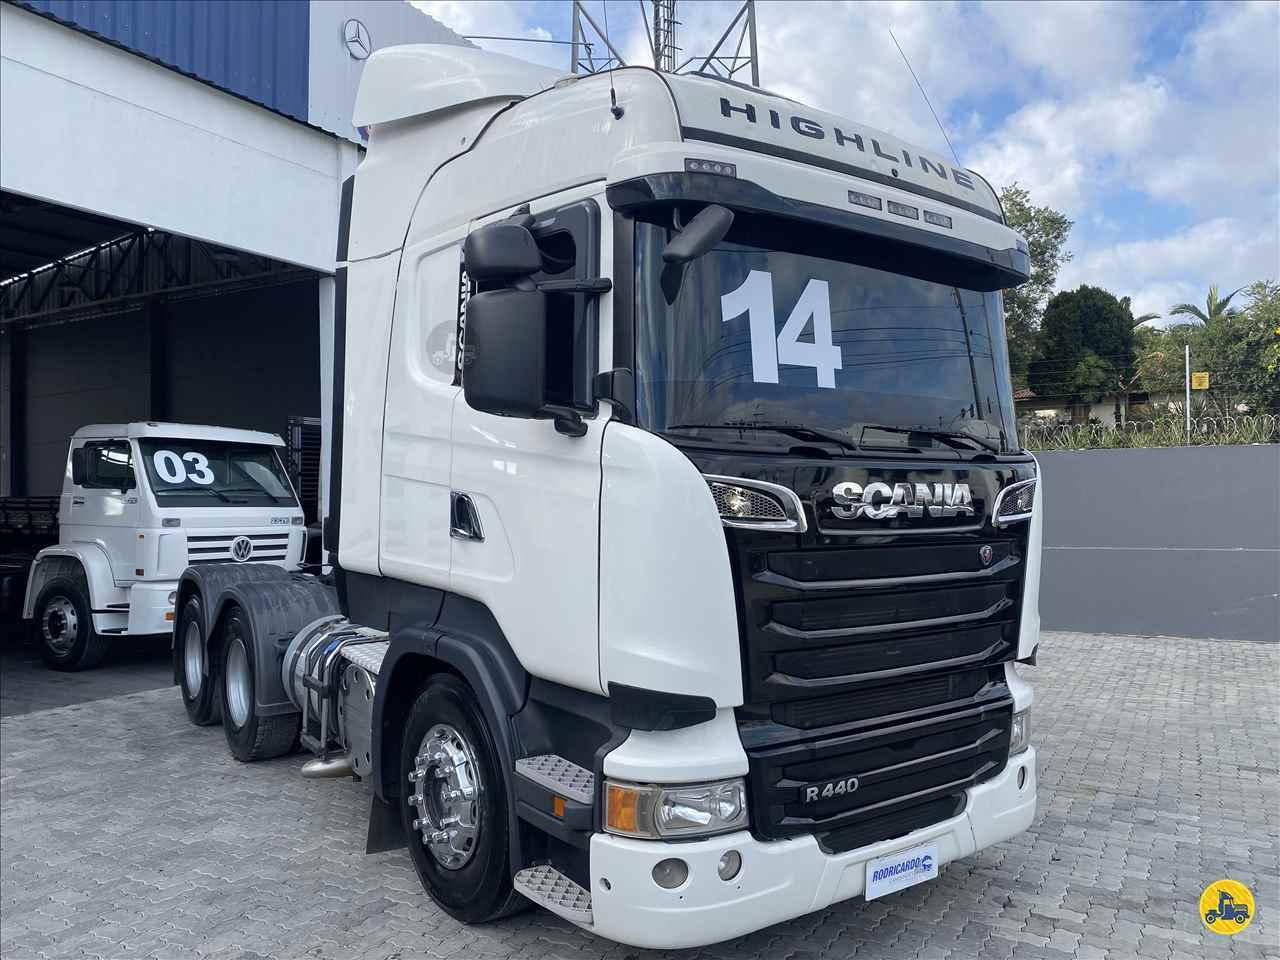 SCANIA 440 de Rodricardo Caminhões - COLOMBO/PR